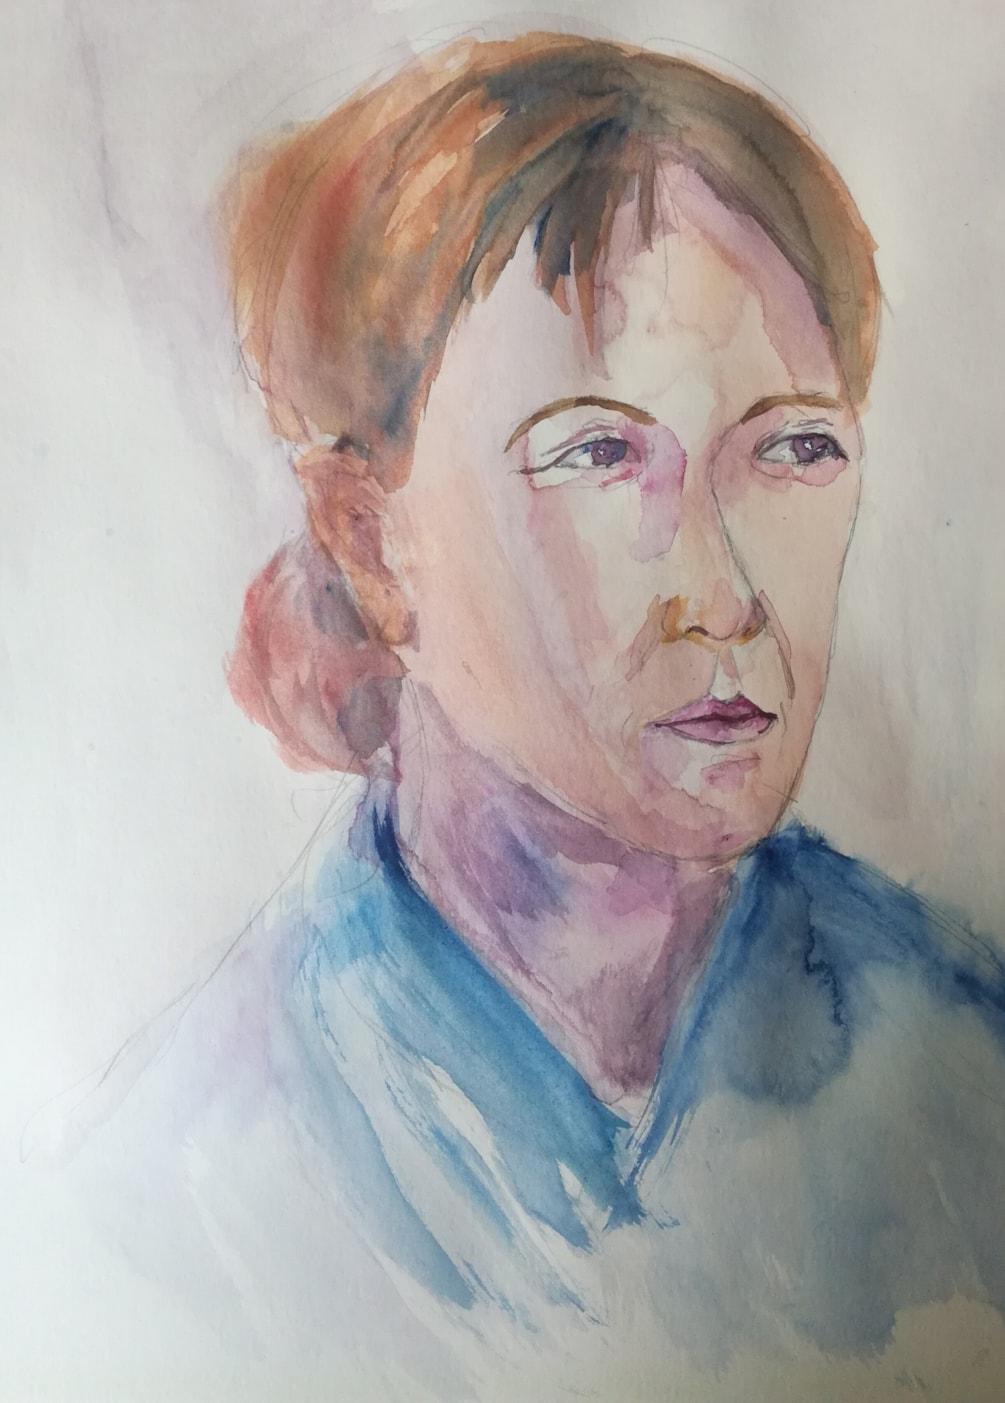 Watercolourist Keiko Tanabe